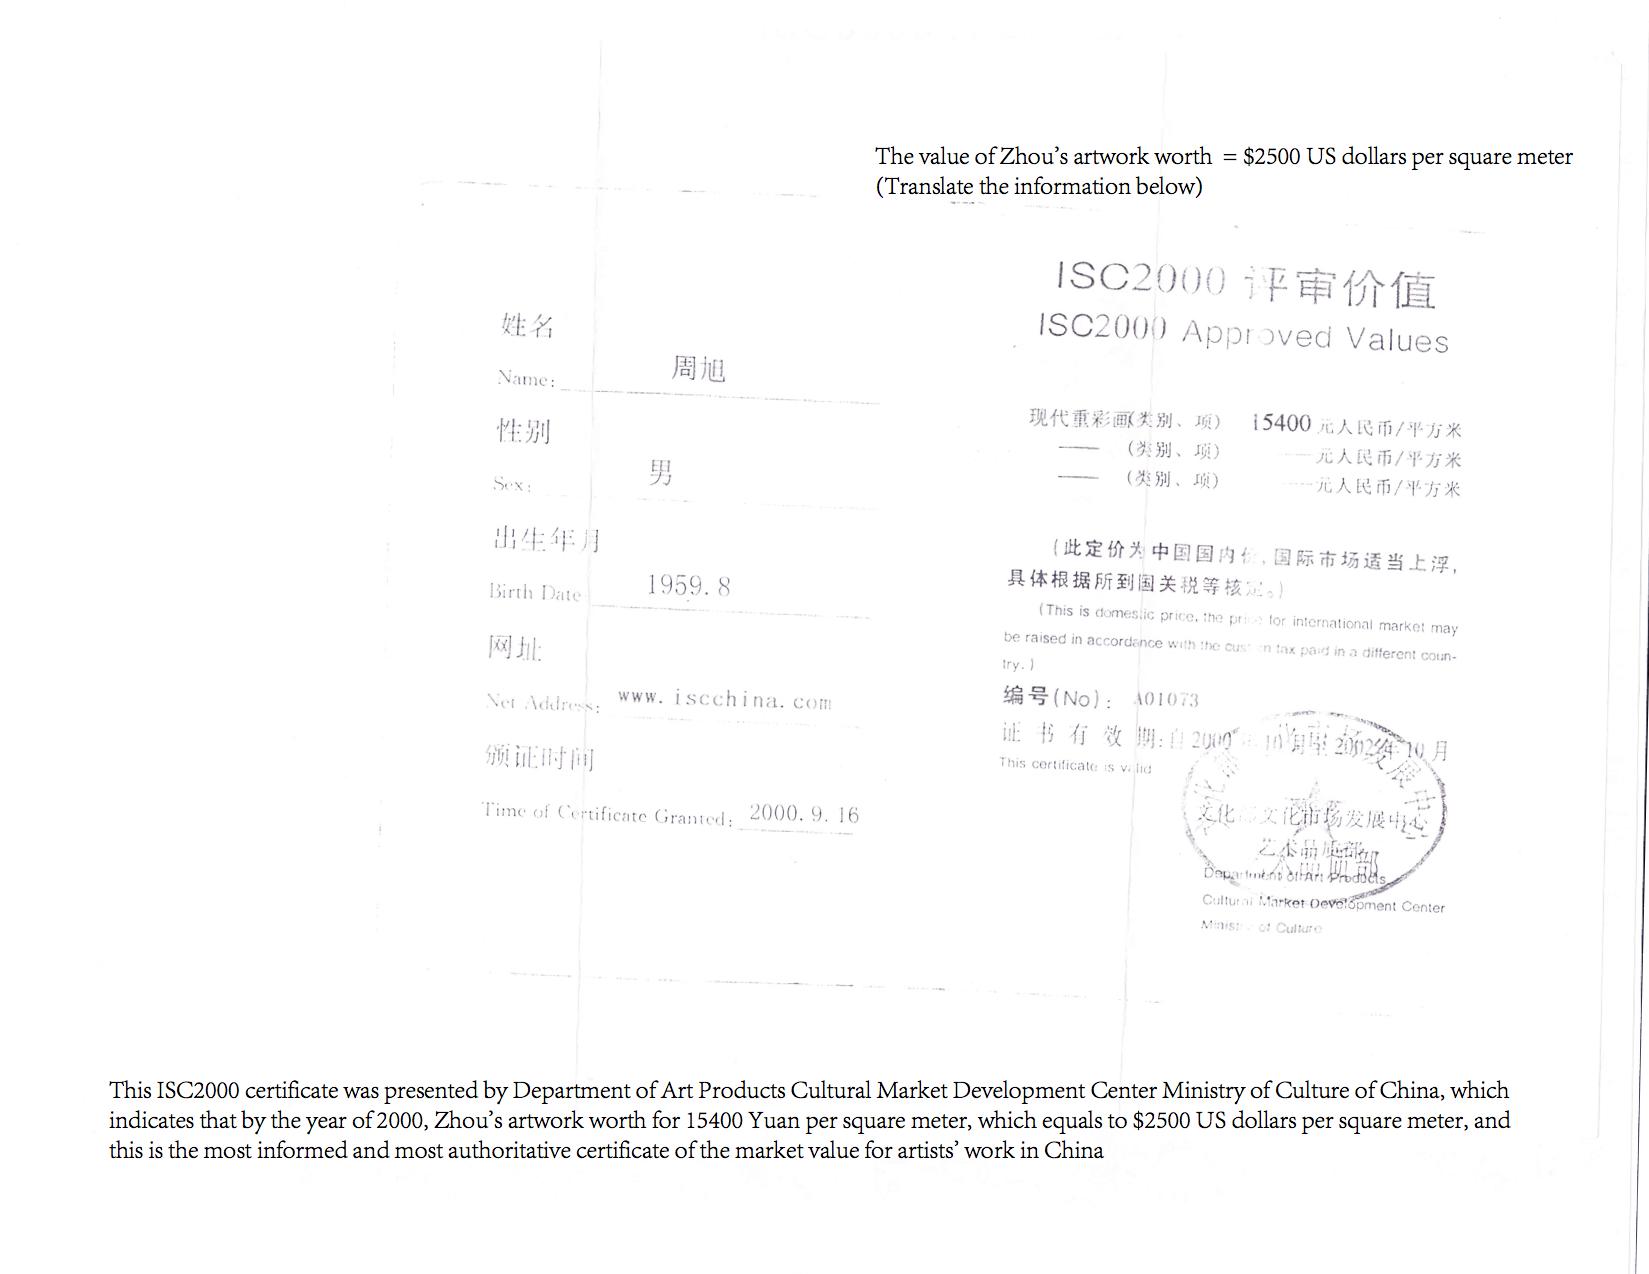 F002_ISC2000证书_2